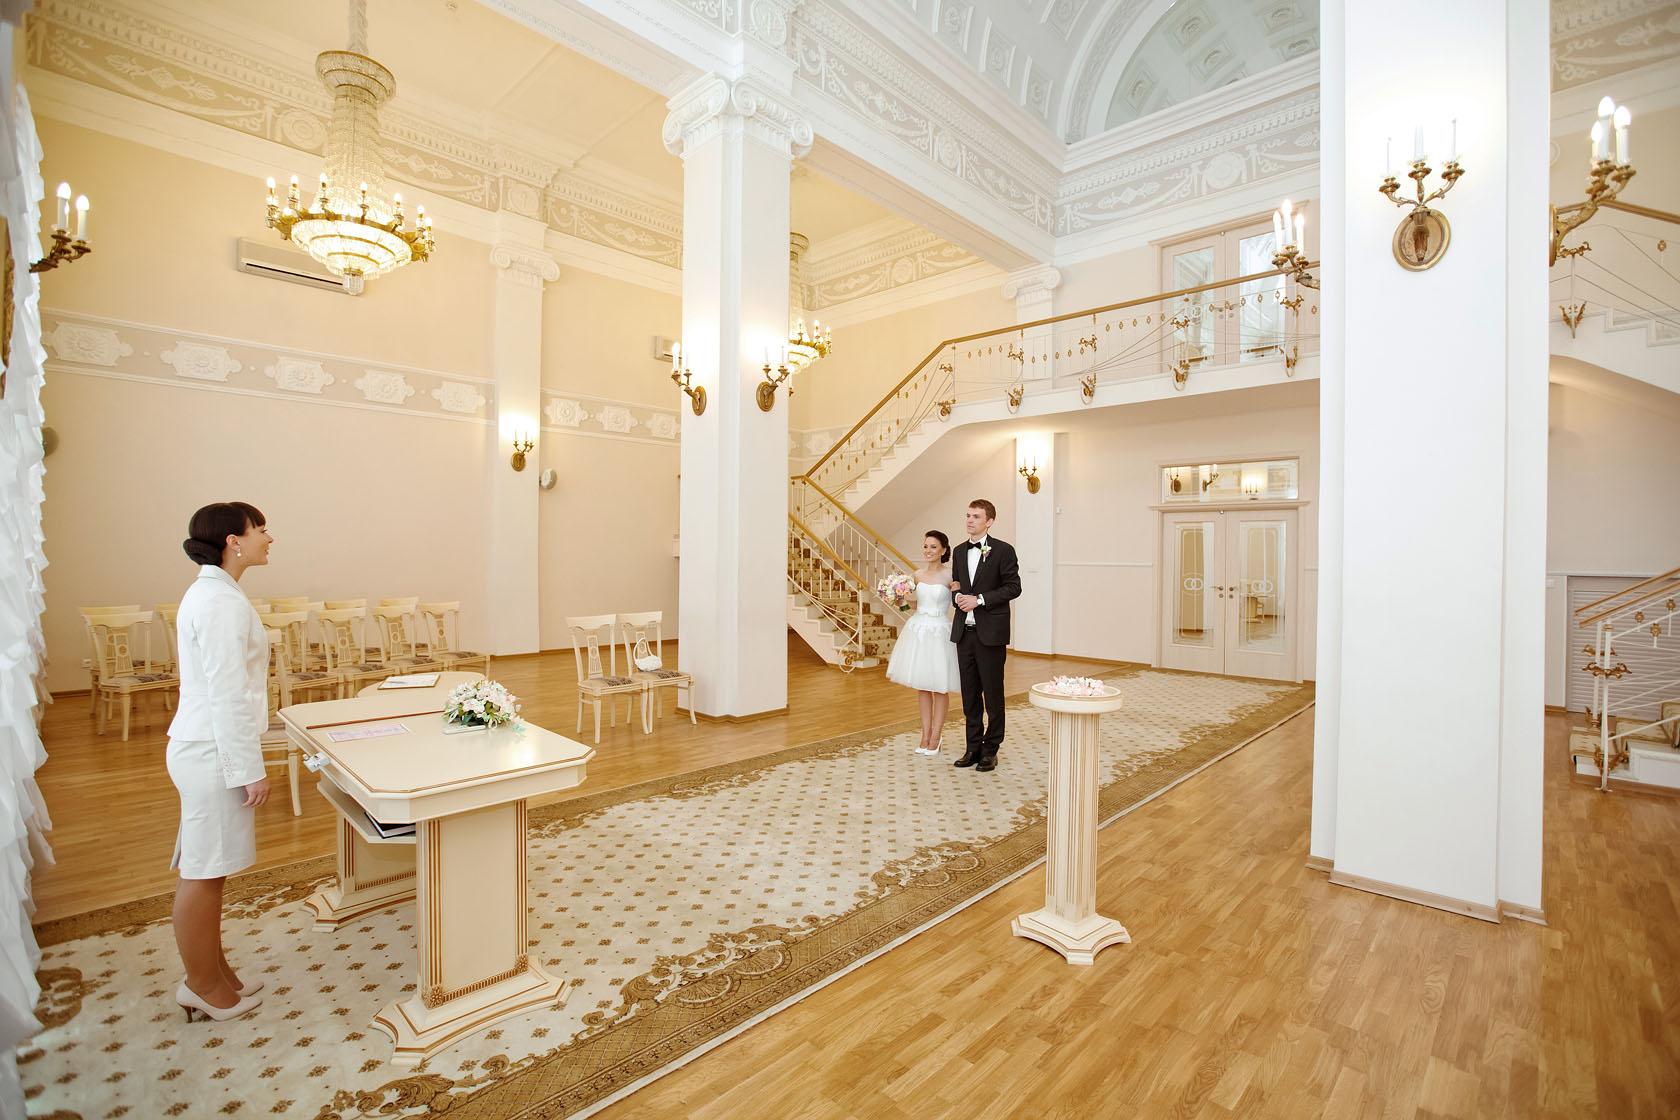 народным адмиралтейский загс санкт петербурга фото начала второй мировой